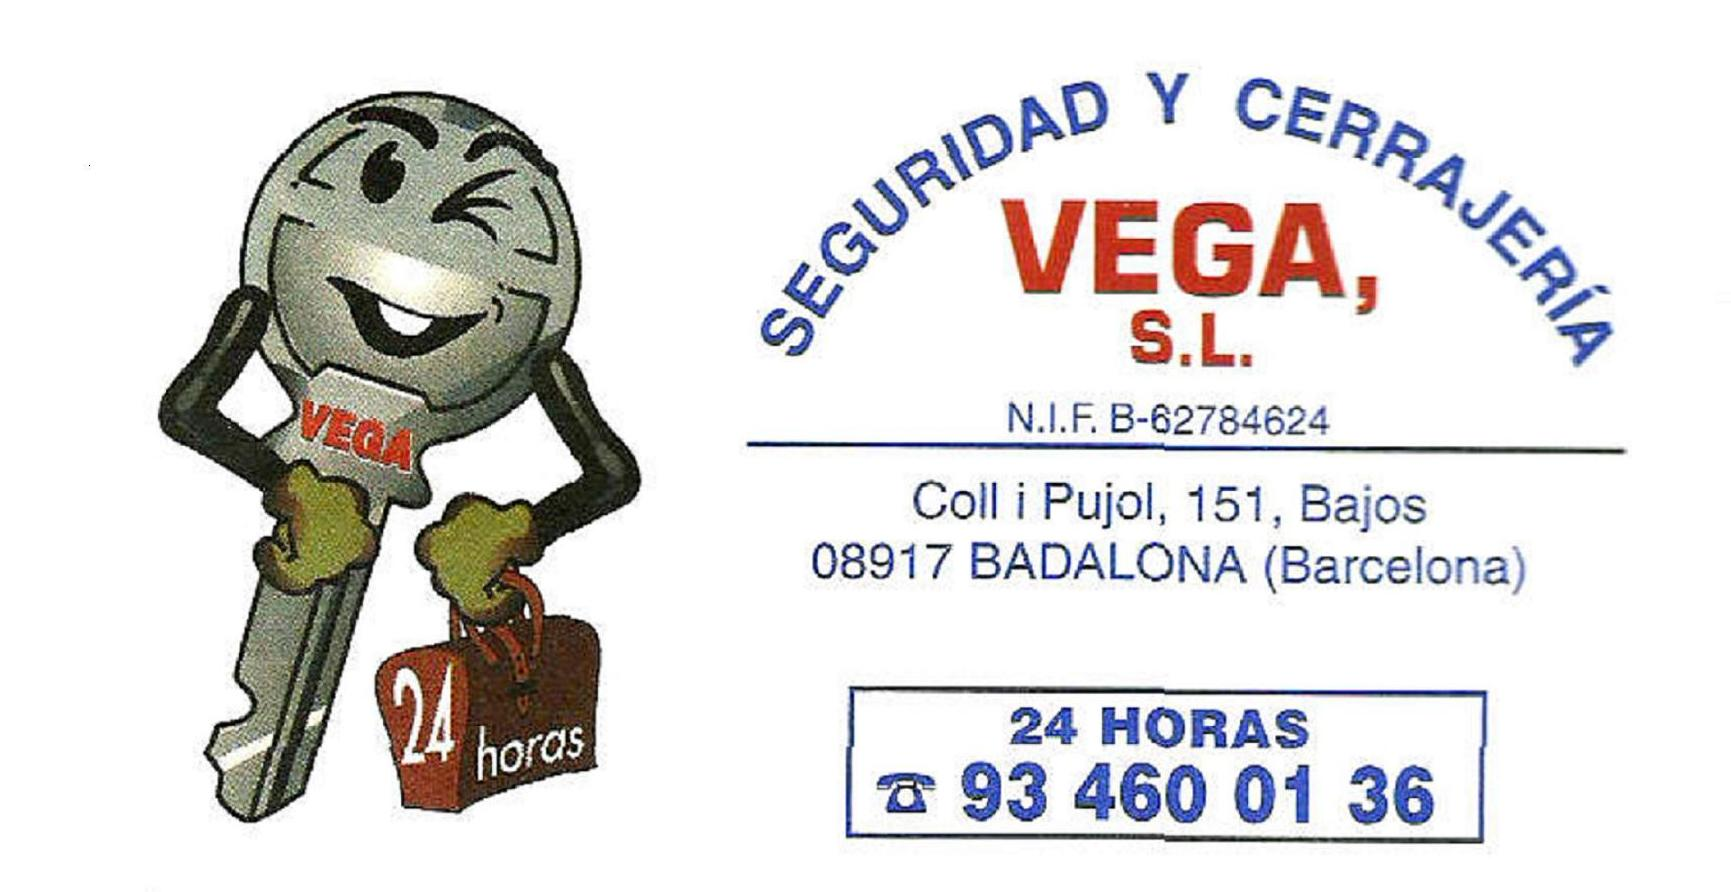 Foto 1 de Cerrajeros en Badalona   Vega Seguridad y Cerrajería, S. L.